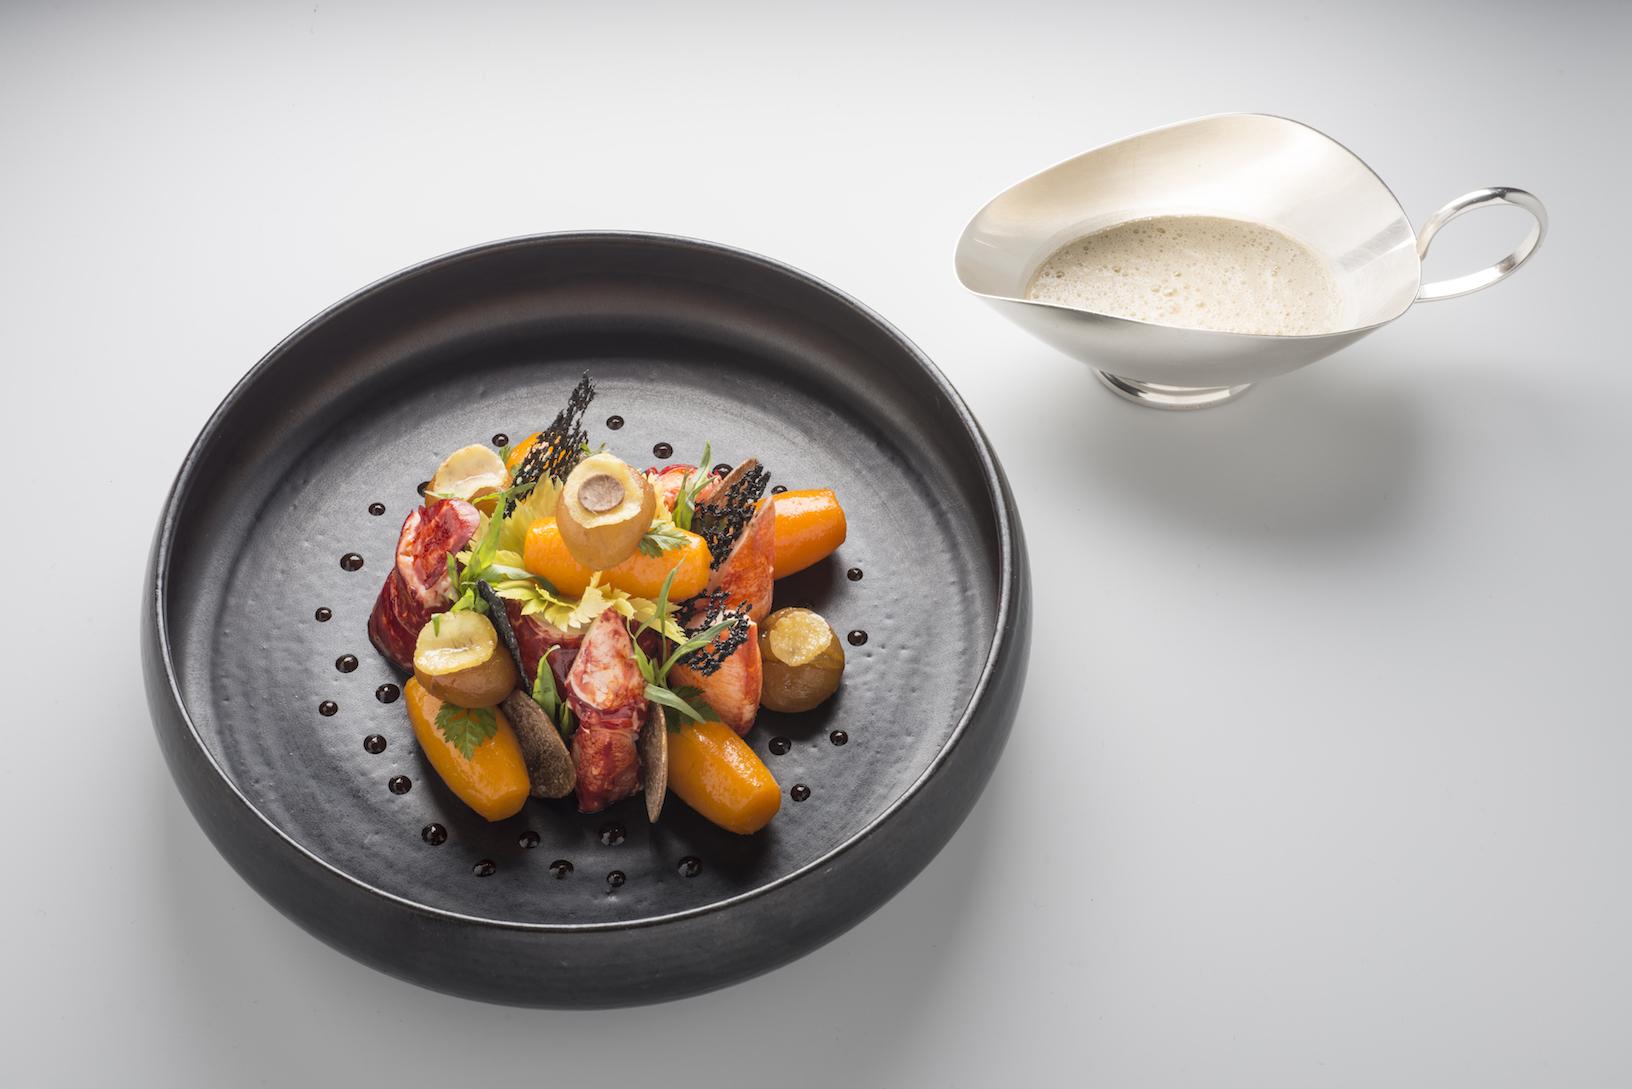 Hexagone recrute commis de cuisine d tails de l 39 offre - Offre d emploi commis de cuisine ile de france ...